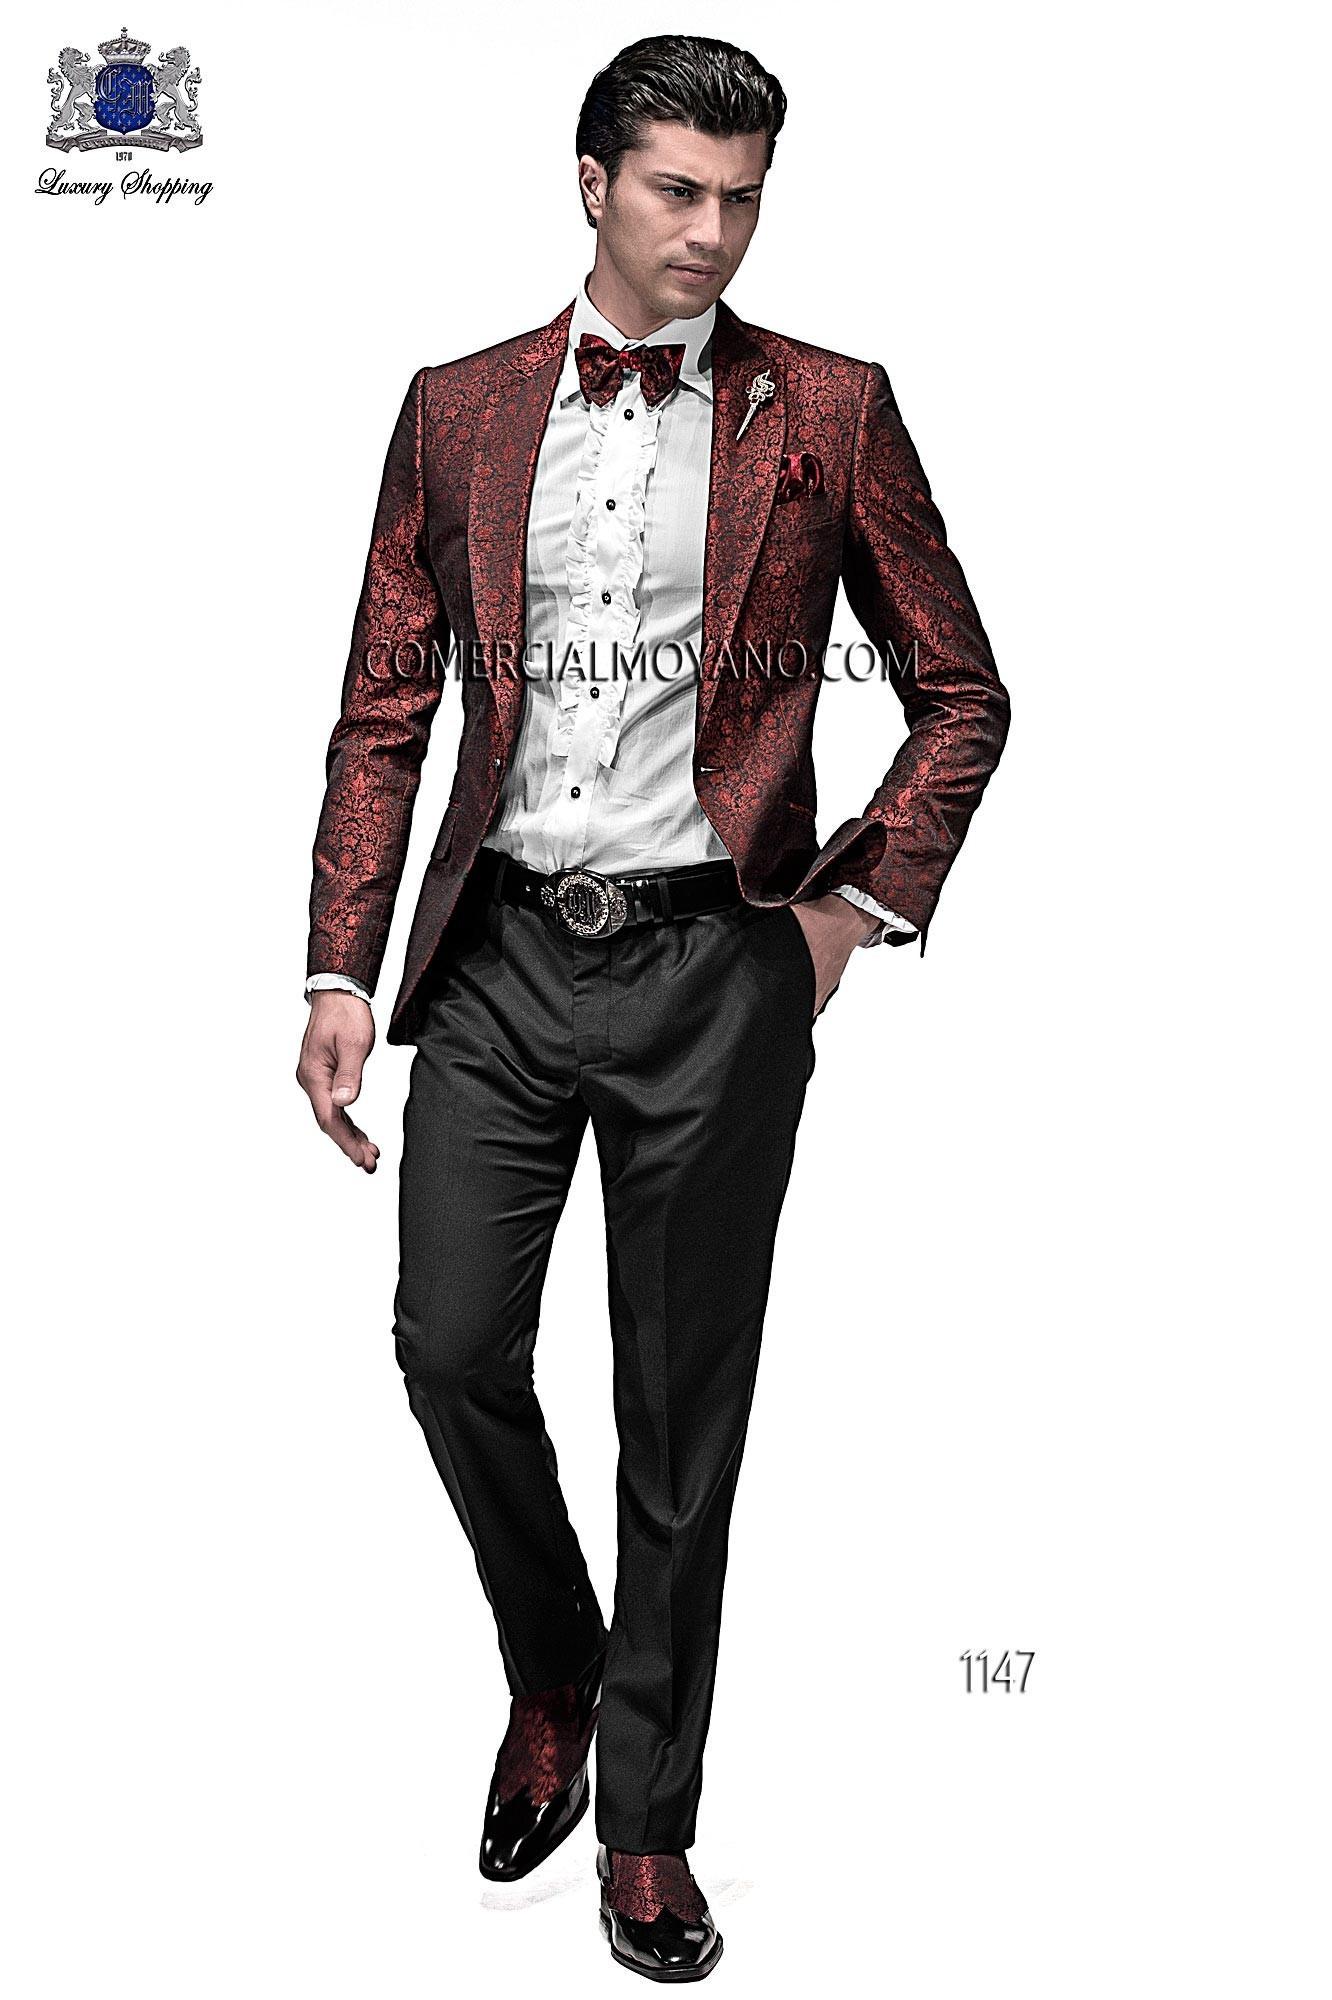 Chaqueta de moda italiano a medida en jacquard fondo rojo y motivo negro con solapa moda en punta y 1 botón fantasía. Bolsillos con tapeta y con ojales inclinados, espalda con 1 abertura.